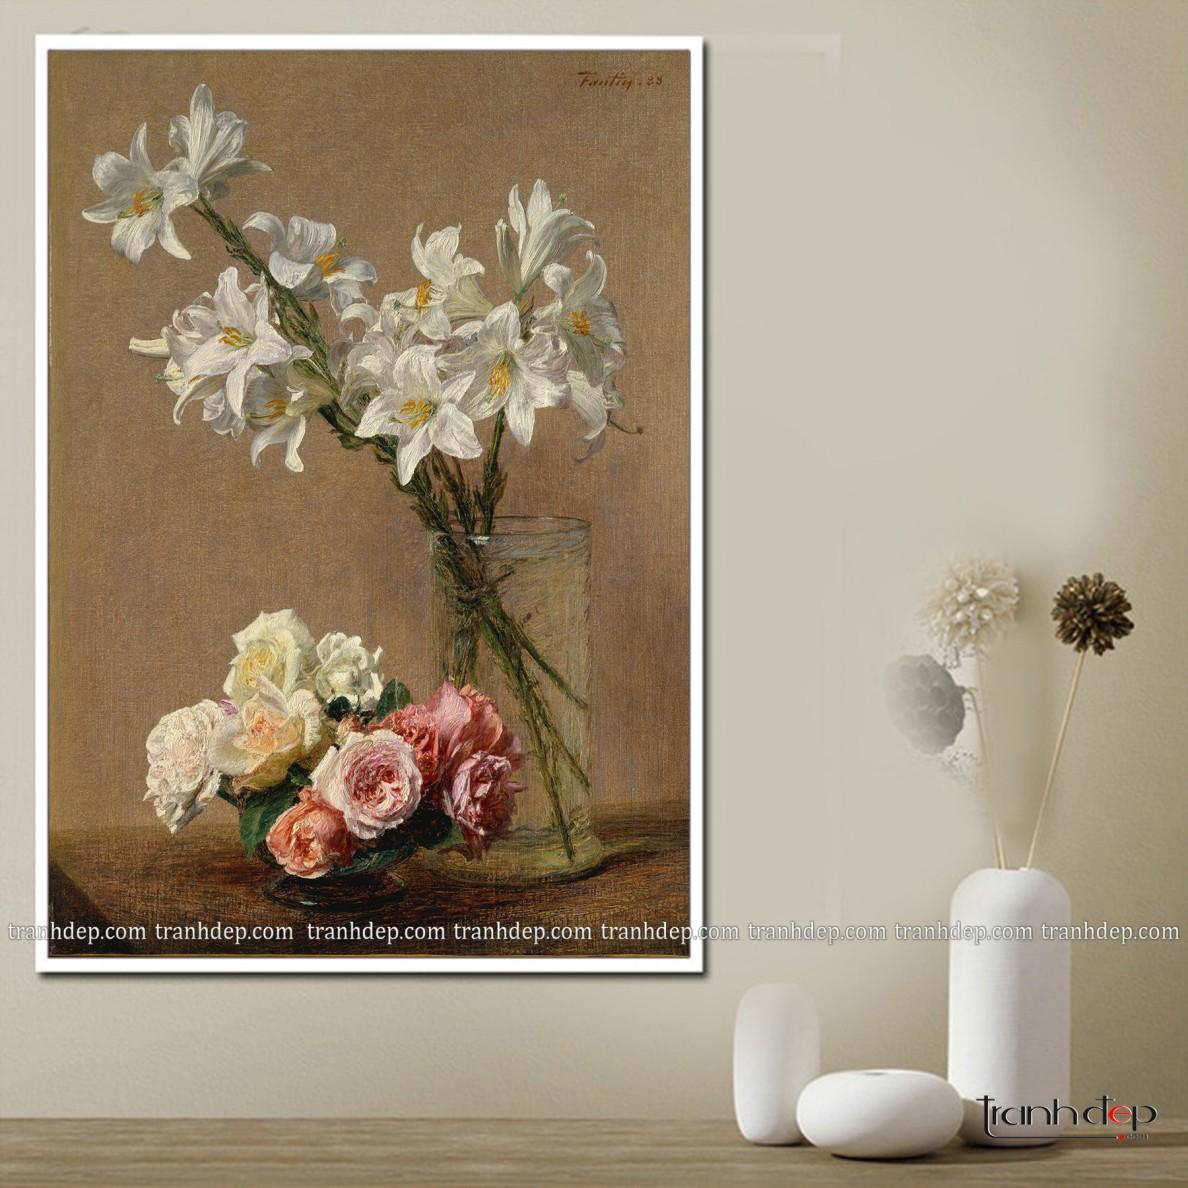 Tranh tĩnh vật bình hoa trắng tinh khôi (4)